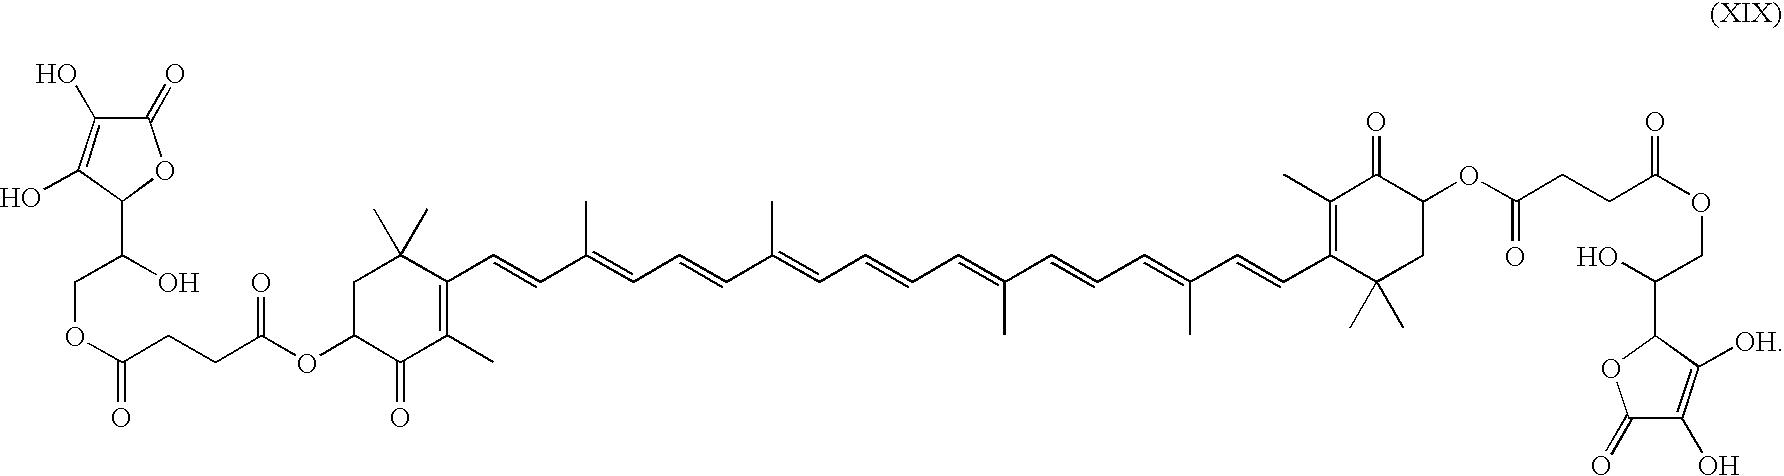 Figure US07723327-20100525-C00032